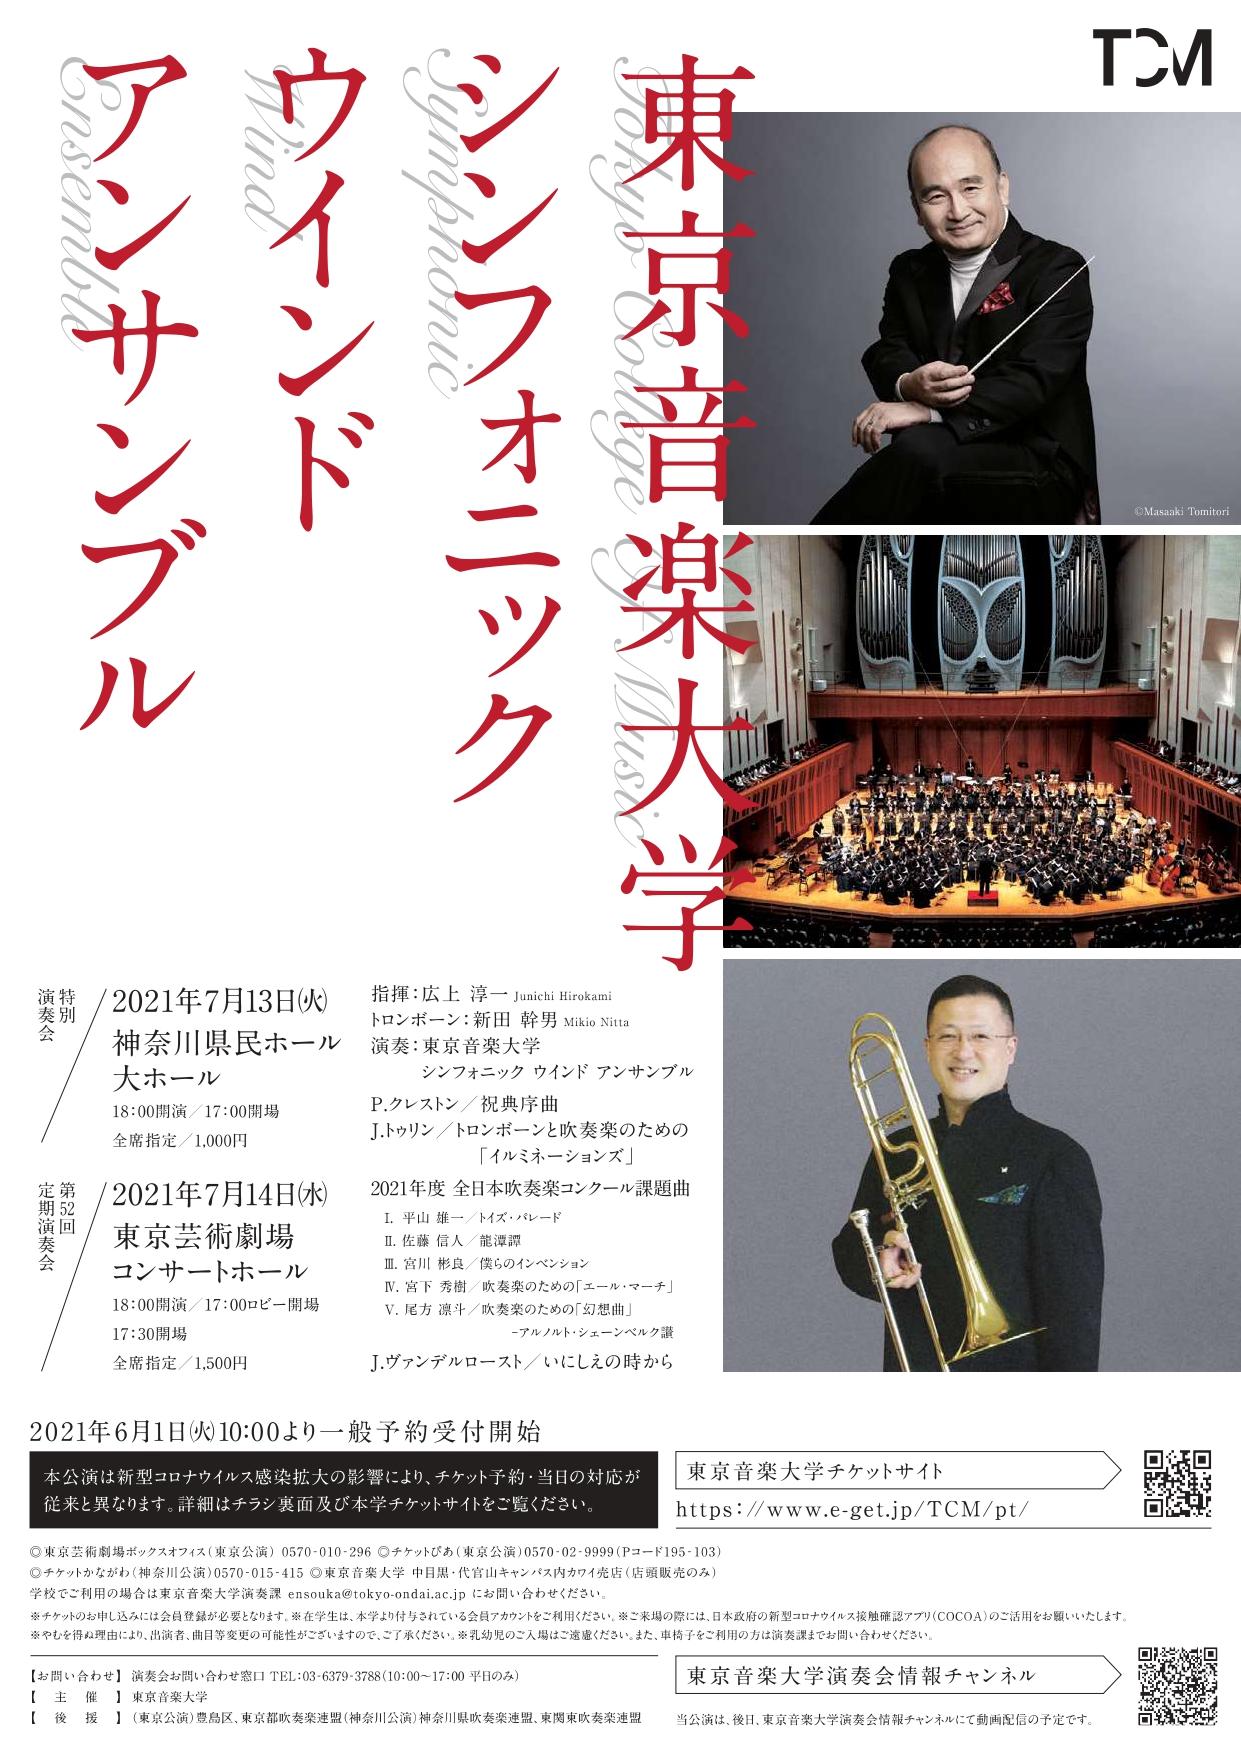 東京音楽大学シンフォニック ウインド アンサンブル 第52回定期演奏会